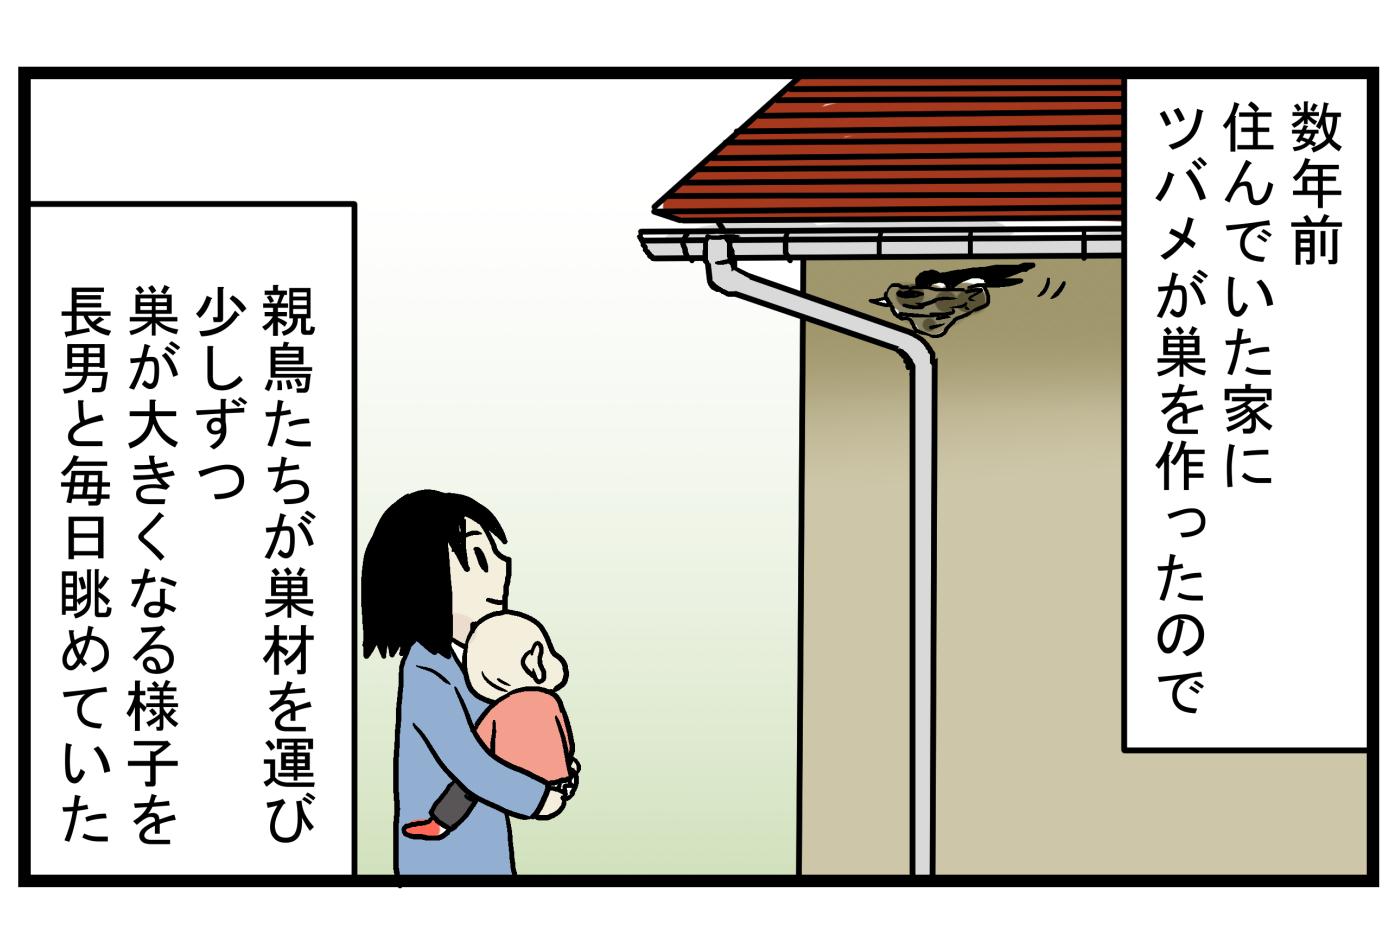 心待ちにしていたヒナの誕生…! 毎年、この時期になると思い出す「ツバメの巣」の話